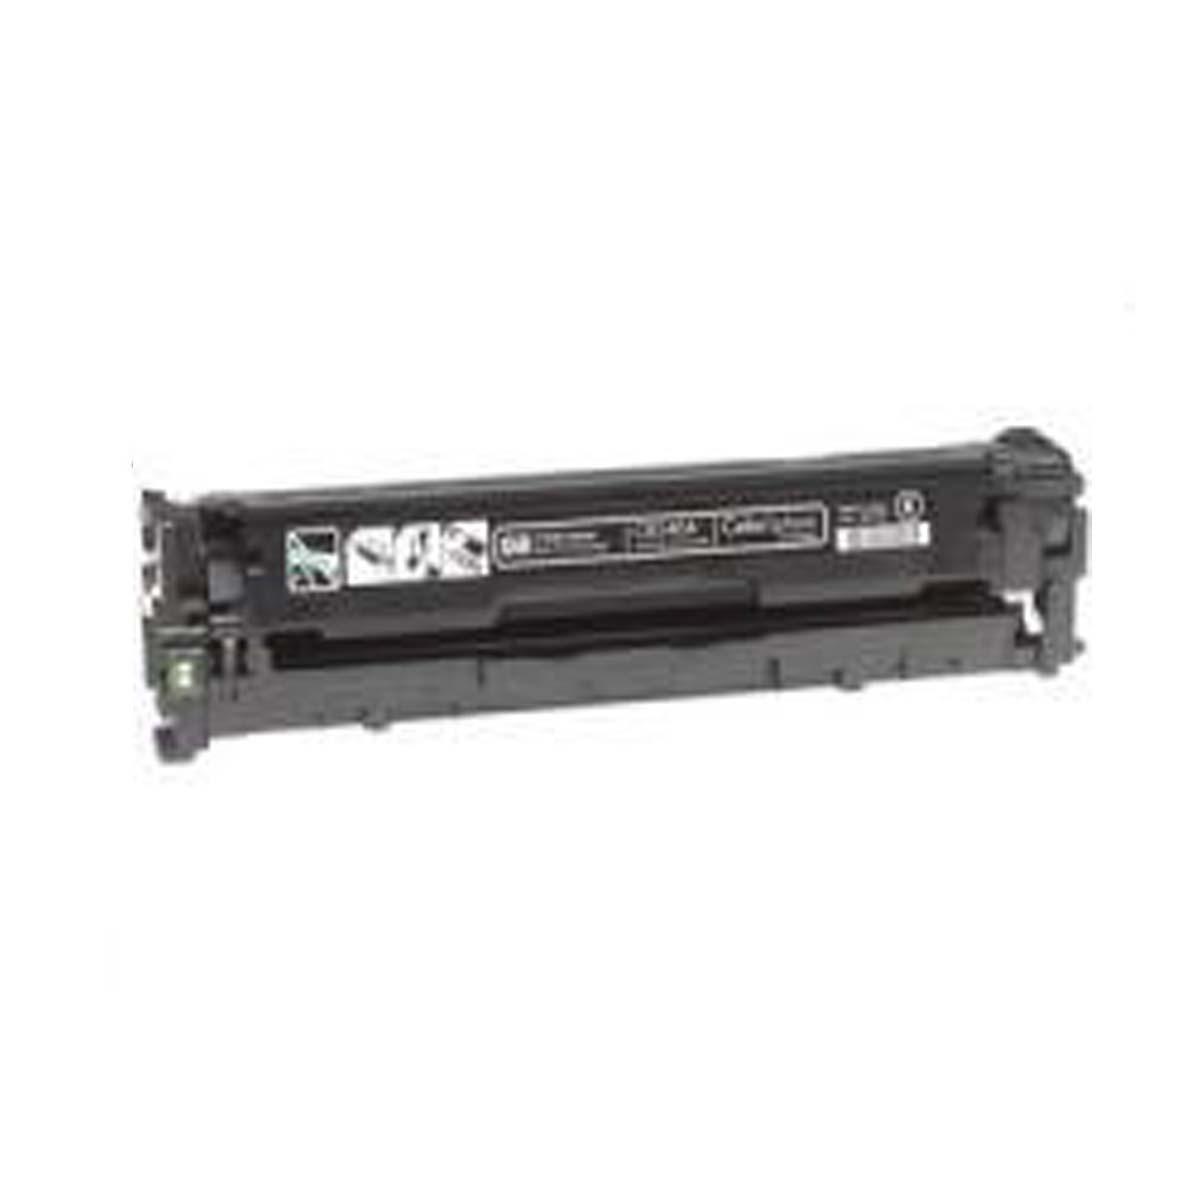 Toner Compativel com HP CB540A CB540 540 - 125A - Preto - CP1215 CP1510 CP1515 CM1312 - 2,2K